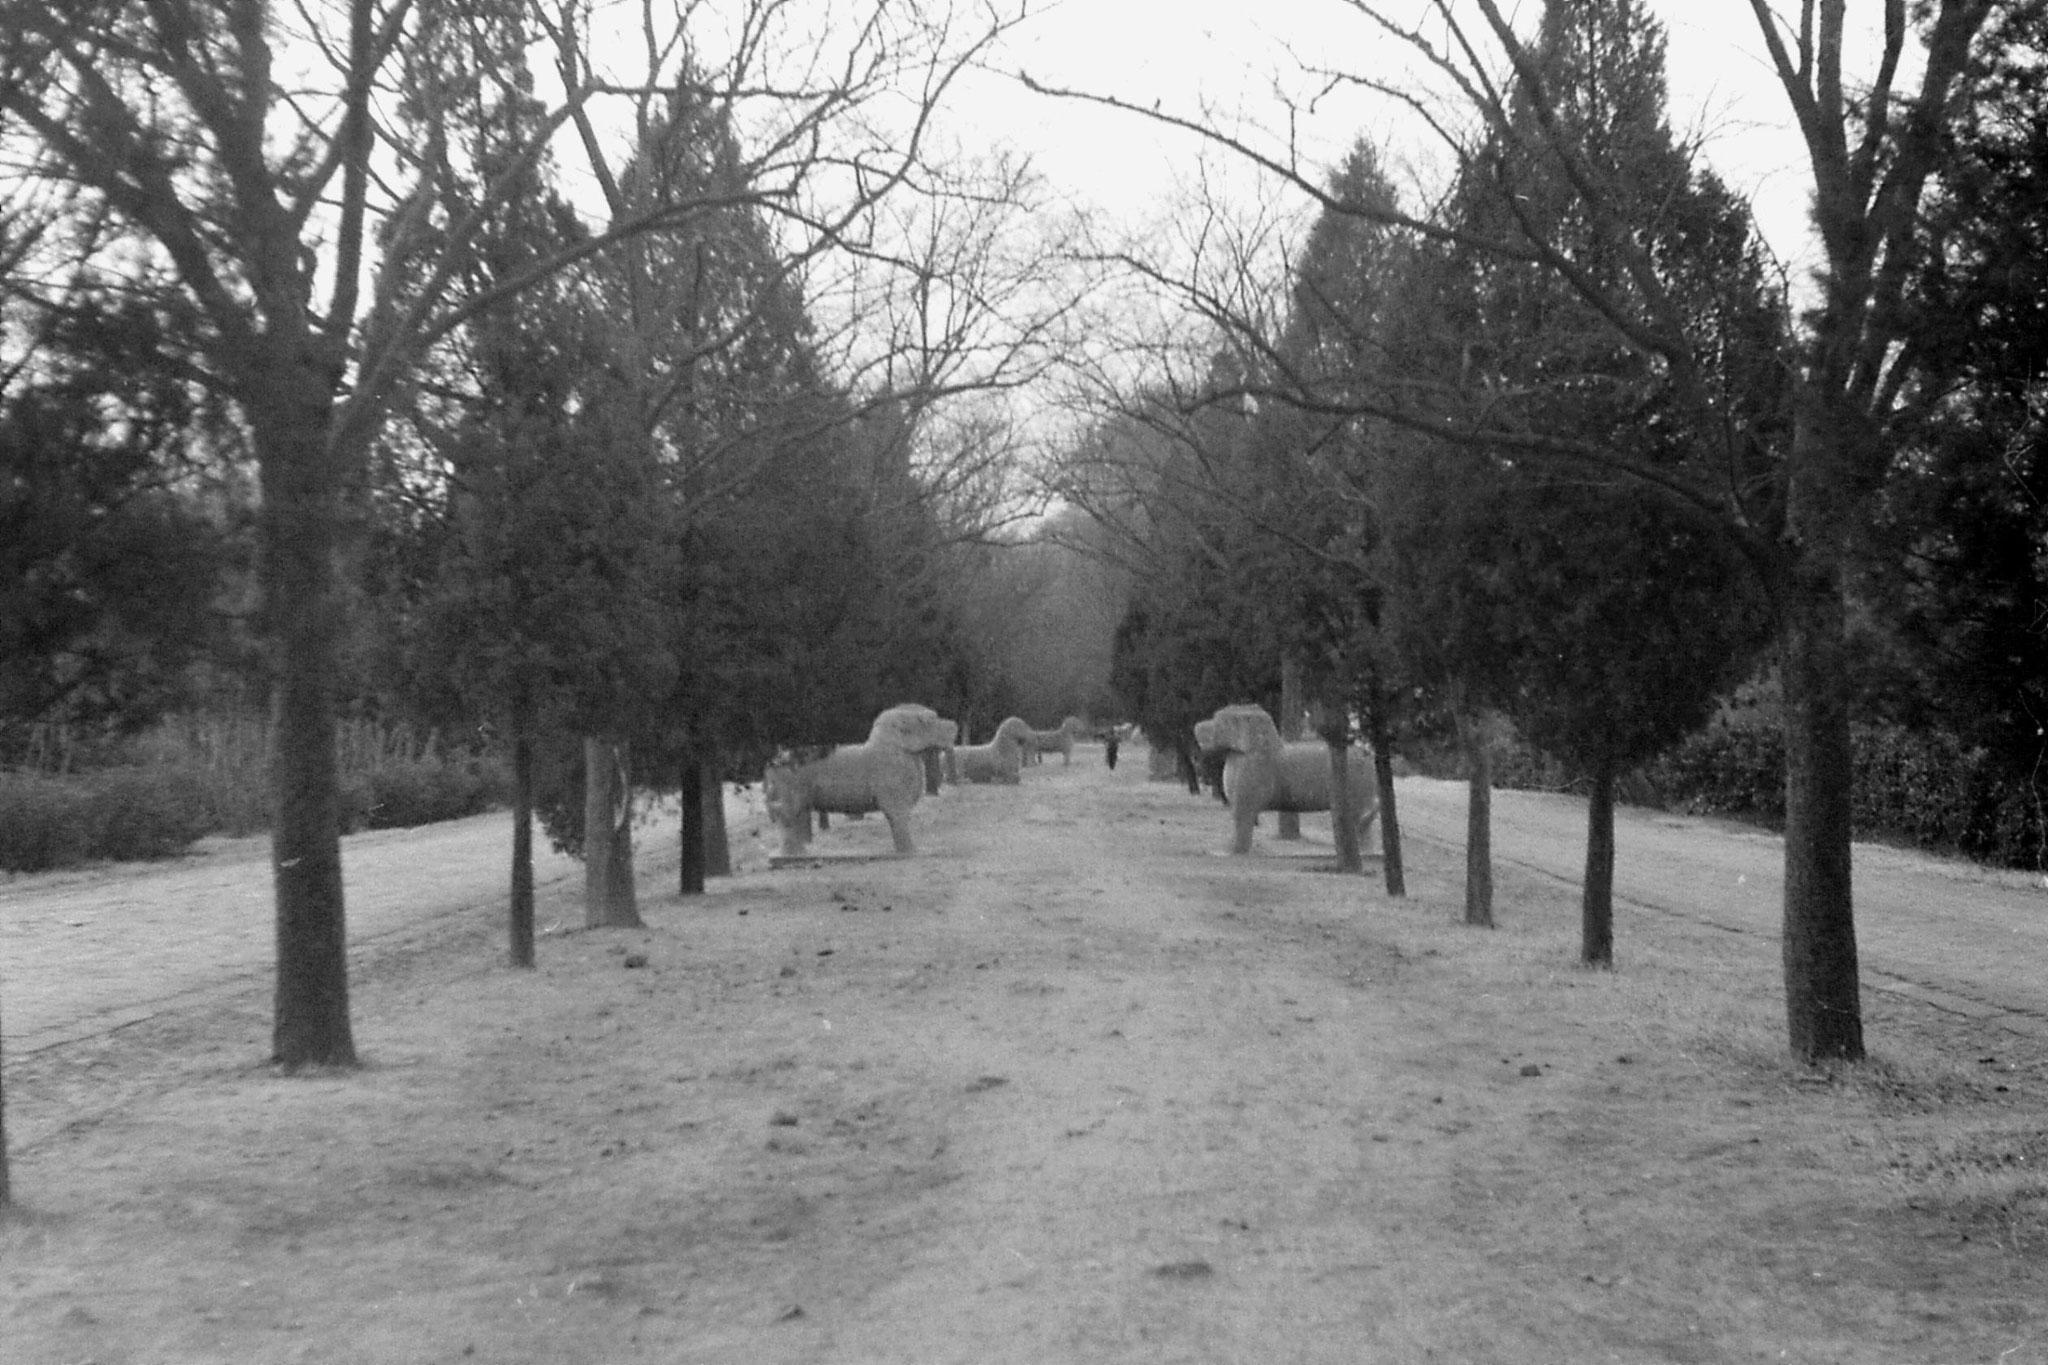 12/12/1988: 27: Nanjing, Linggu Park